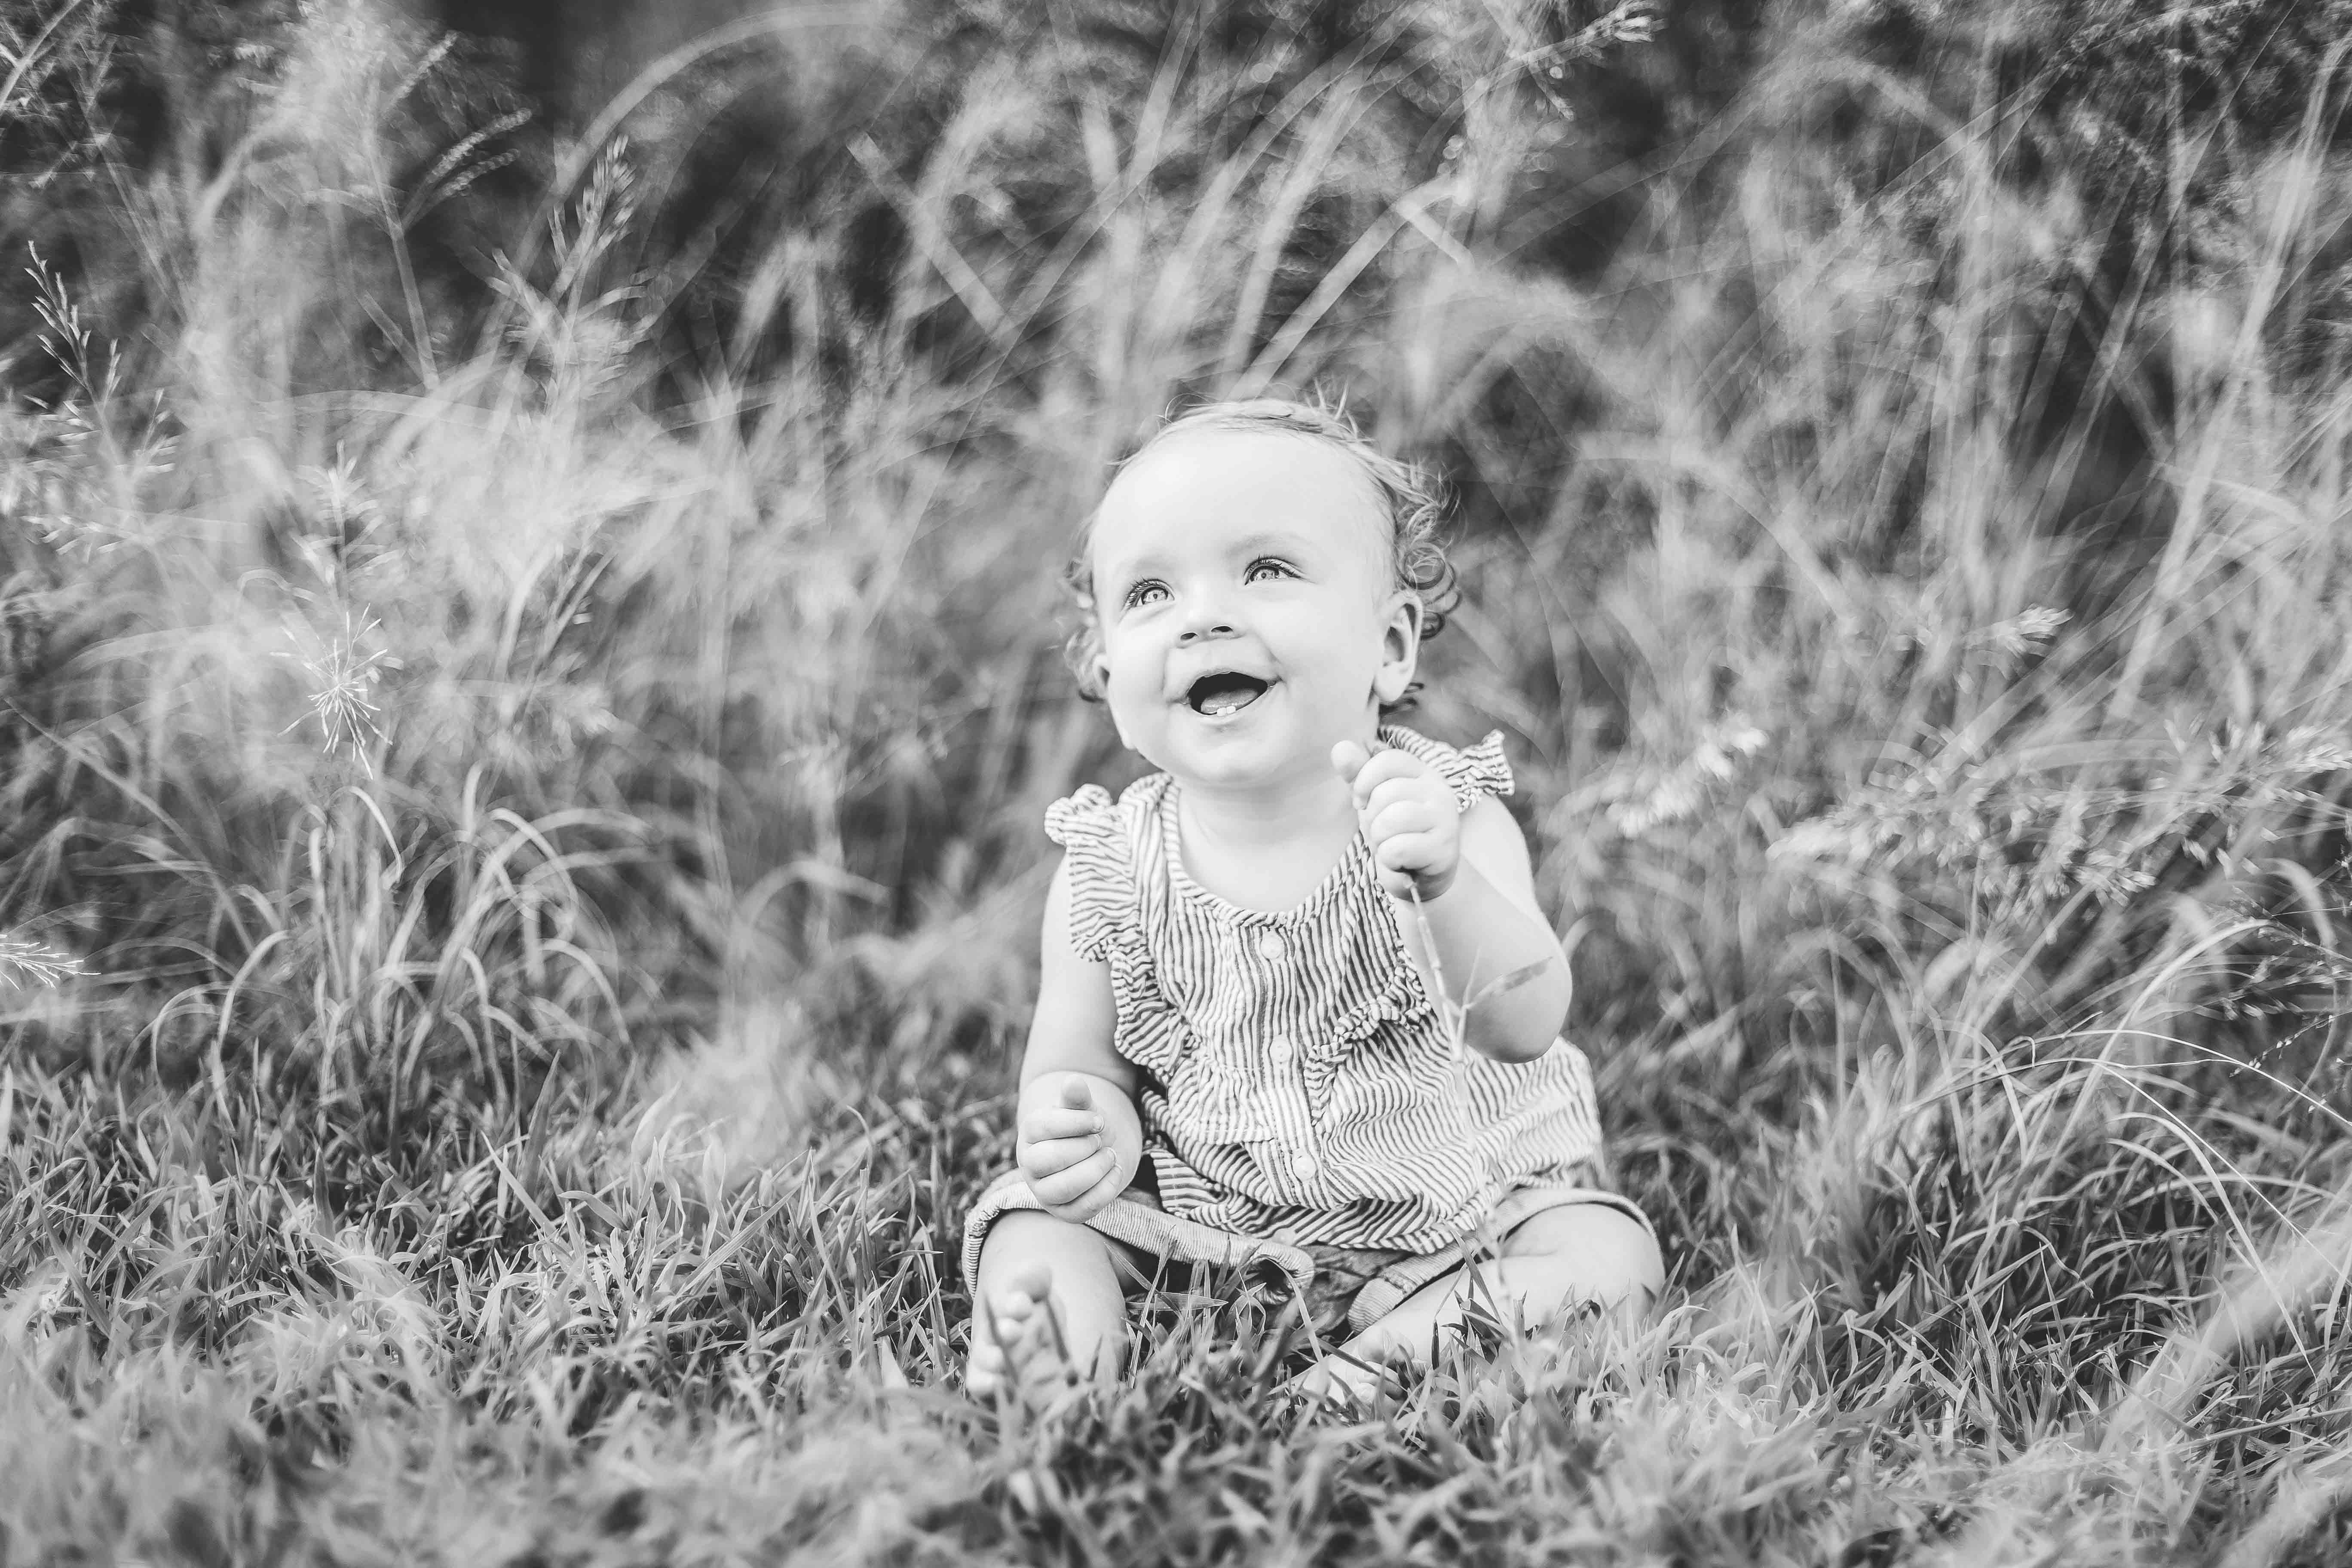 séance photo en extérieur lifestyle. une petite fille assise dans l'herbe, rigole regarde vers le ciel. photo noir et blanc